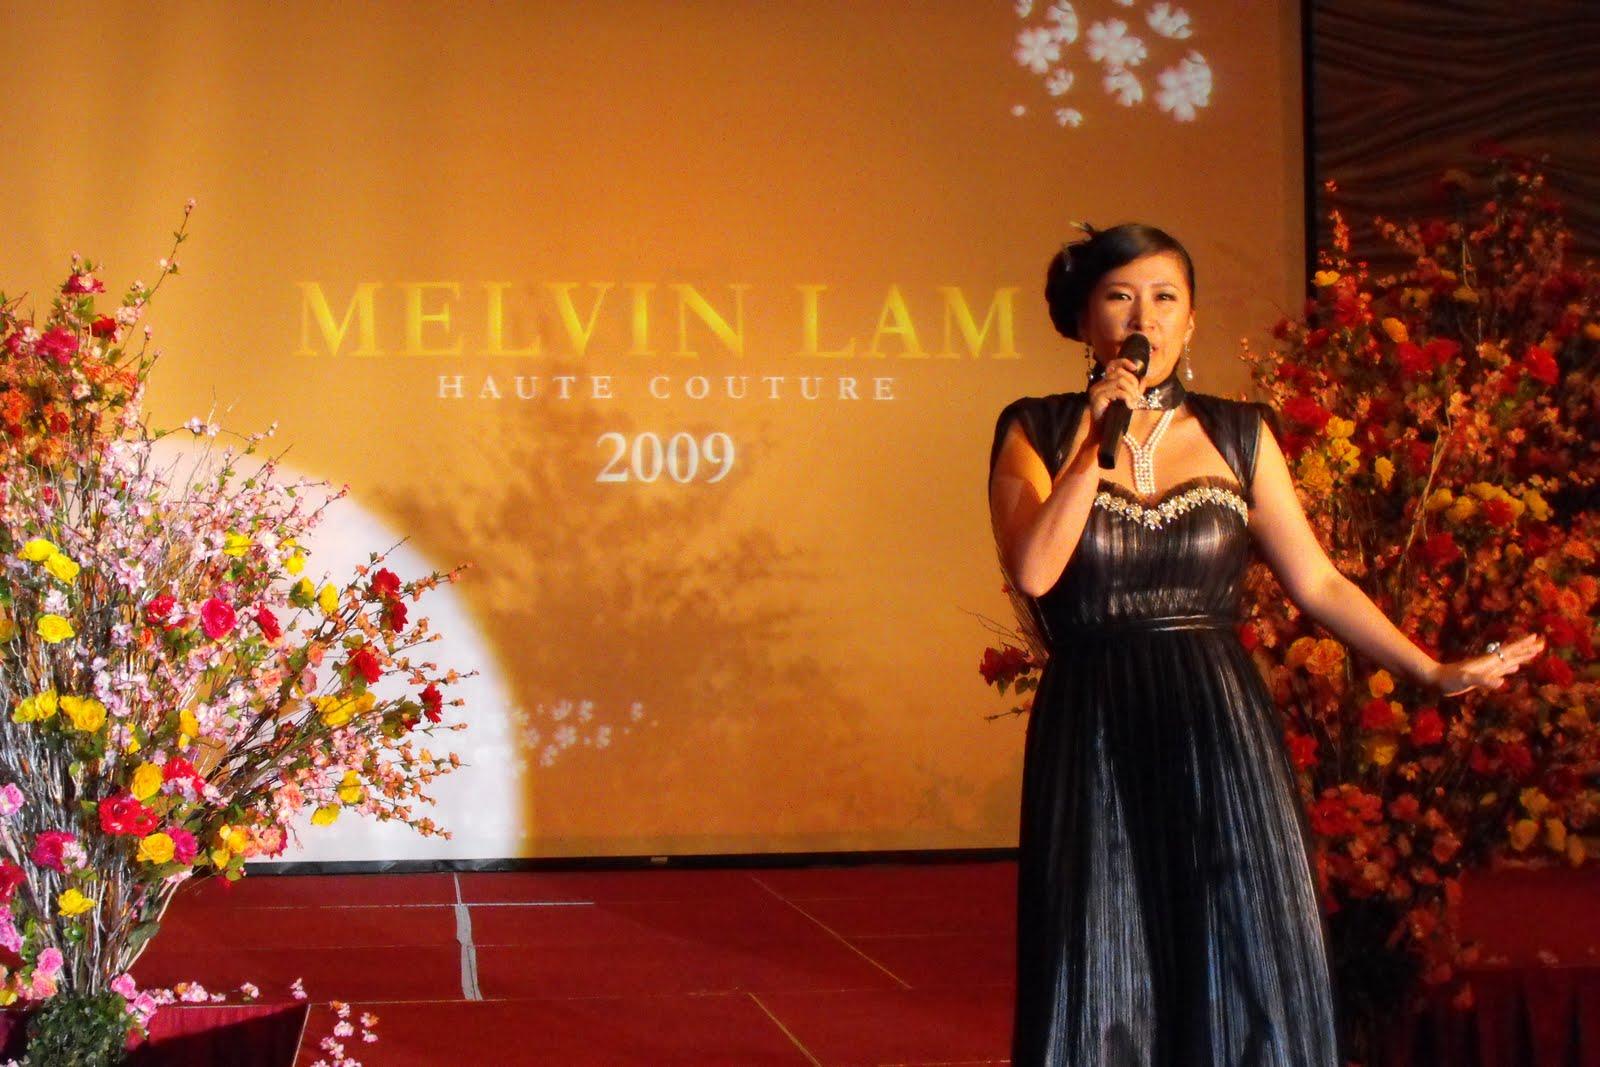 Mei Ling Lam